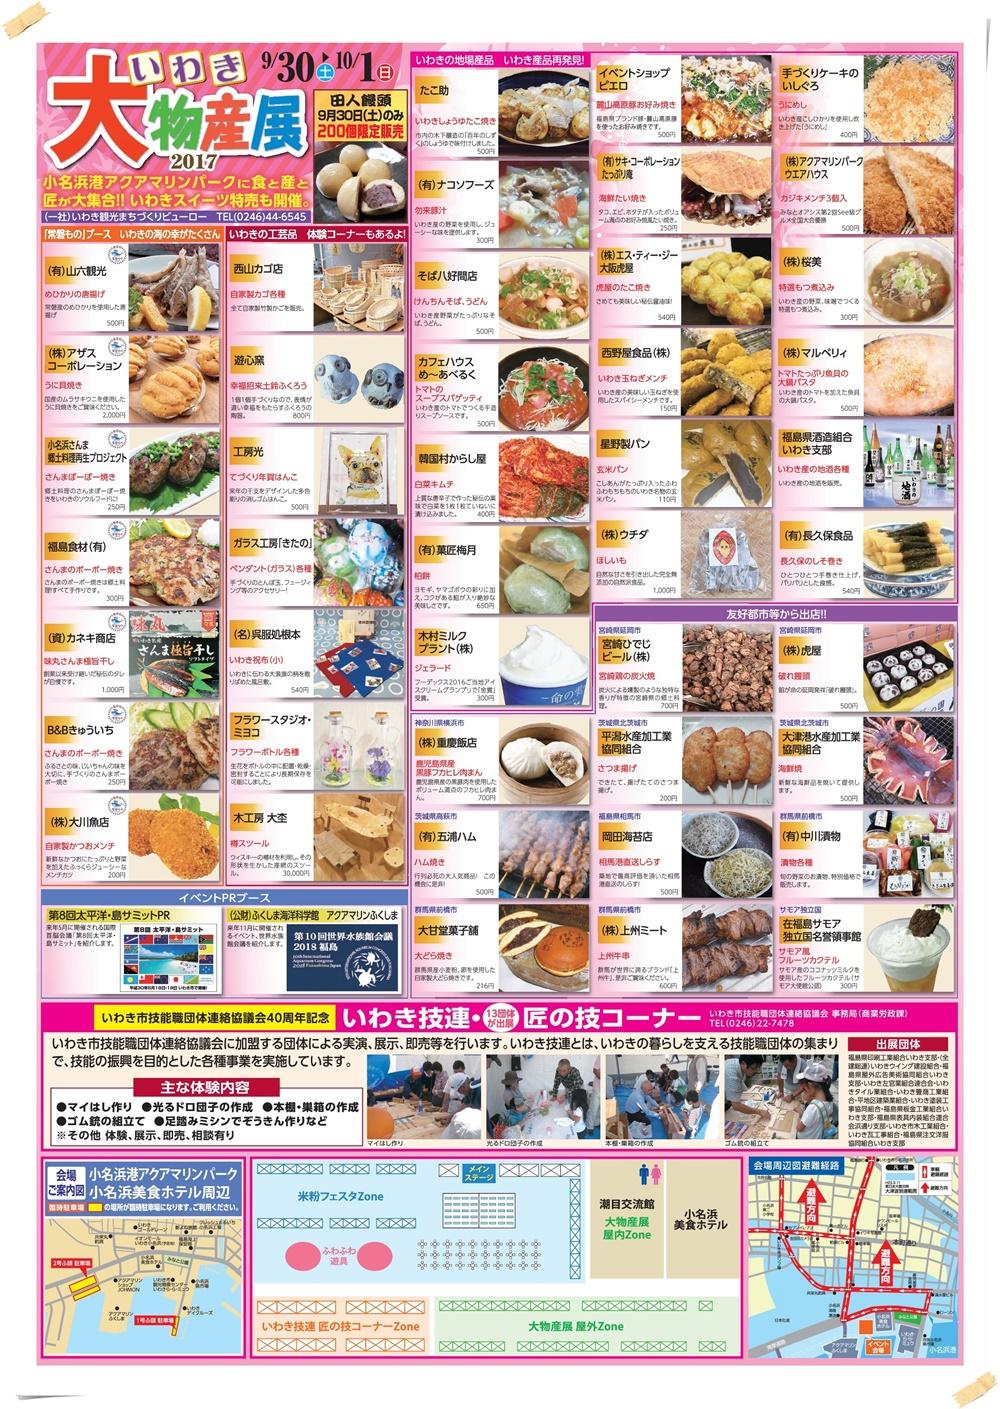 「いわき大物産展」今週末開催![平成29年9月26日(火)更新]